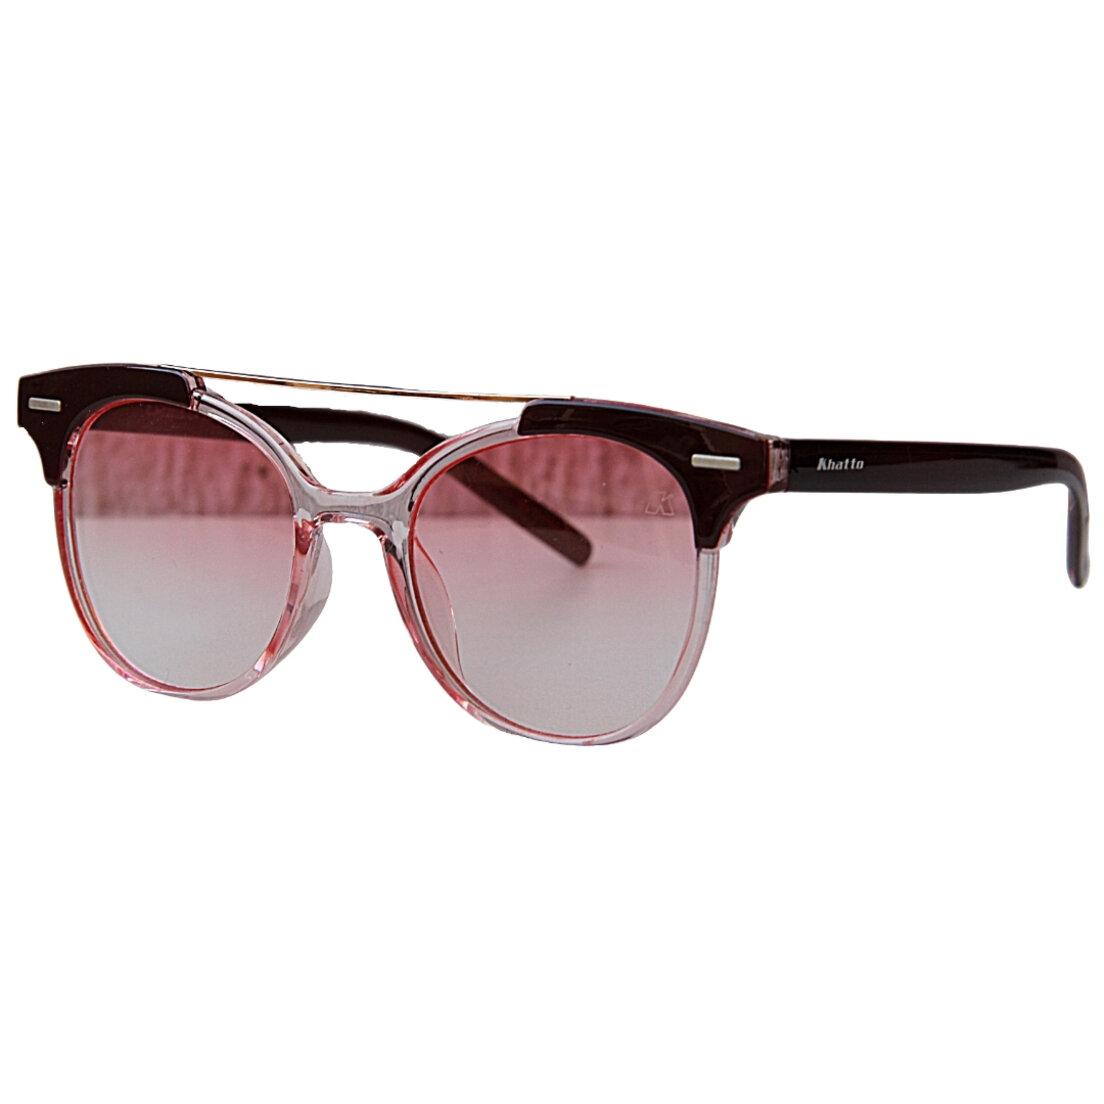 OUTLET - Óculos de Sol Khatto Caçador  Vermelho - Italiano